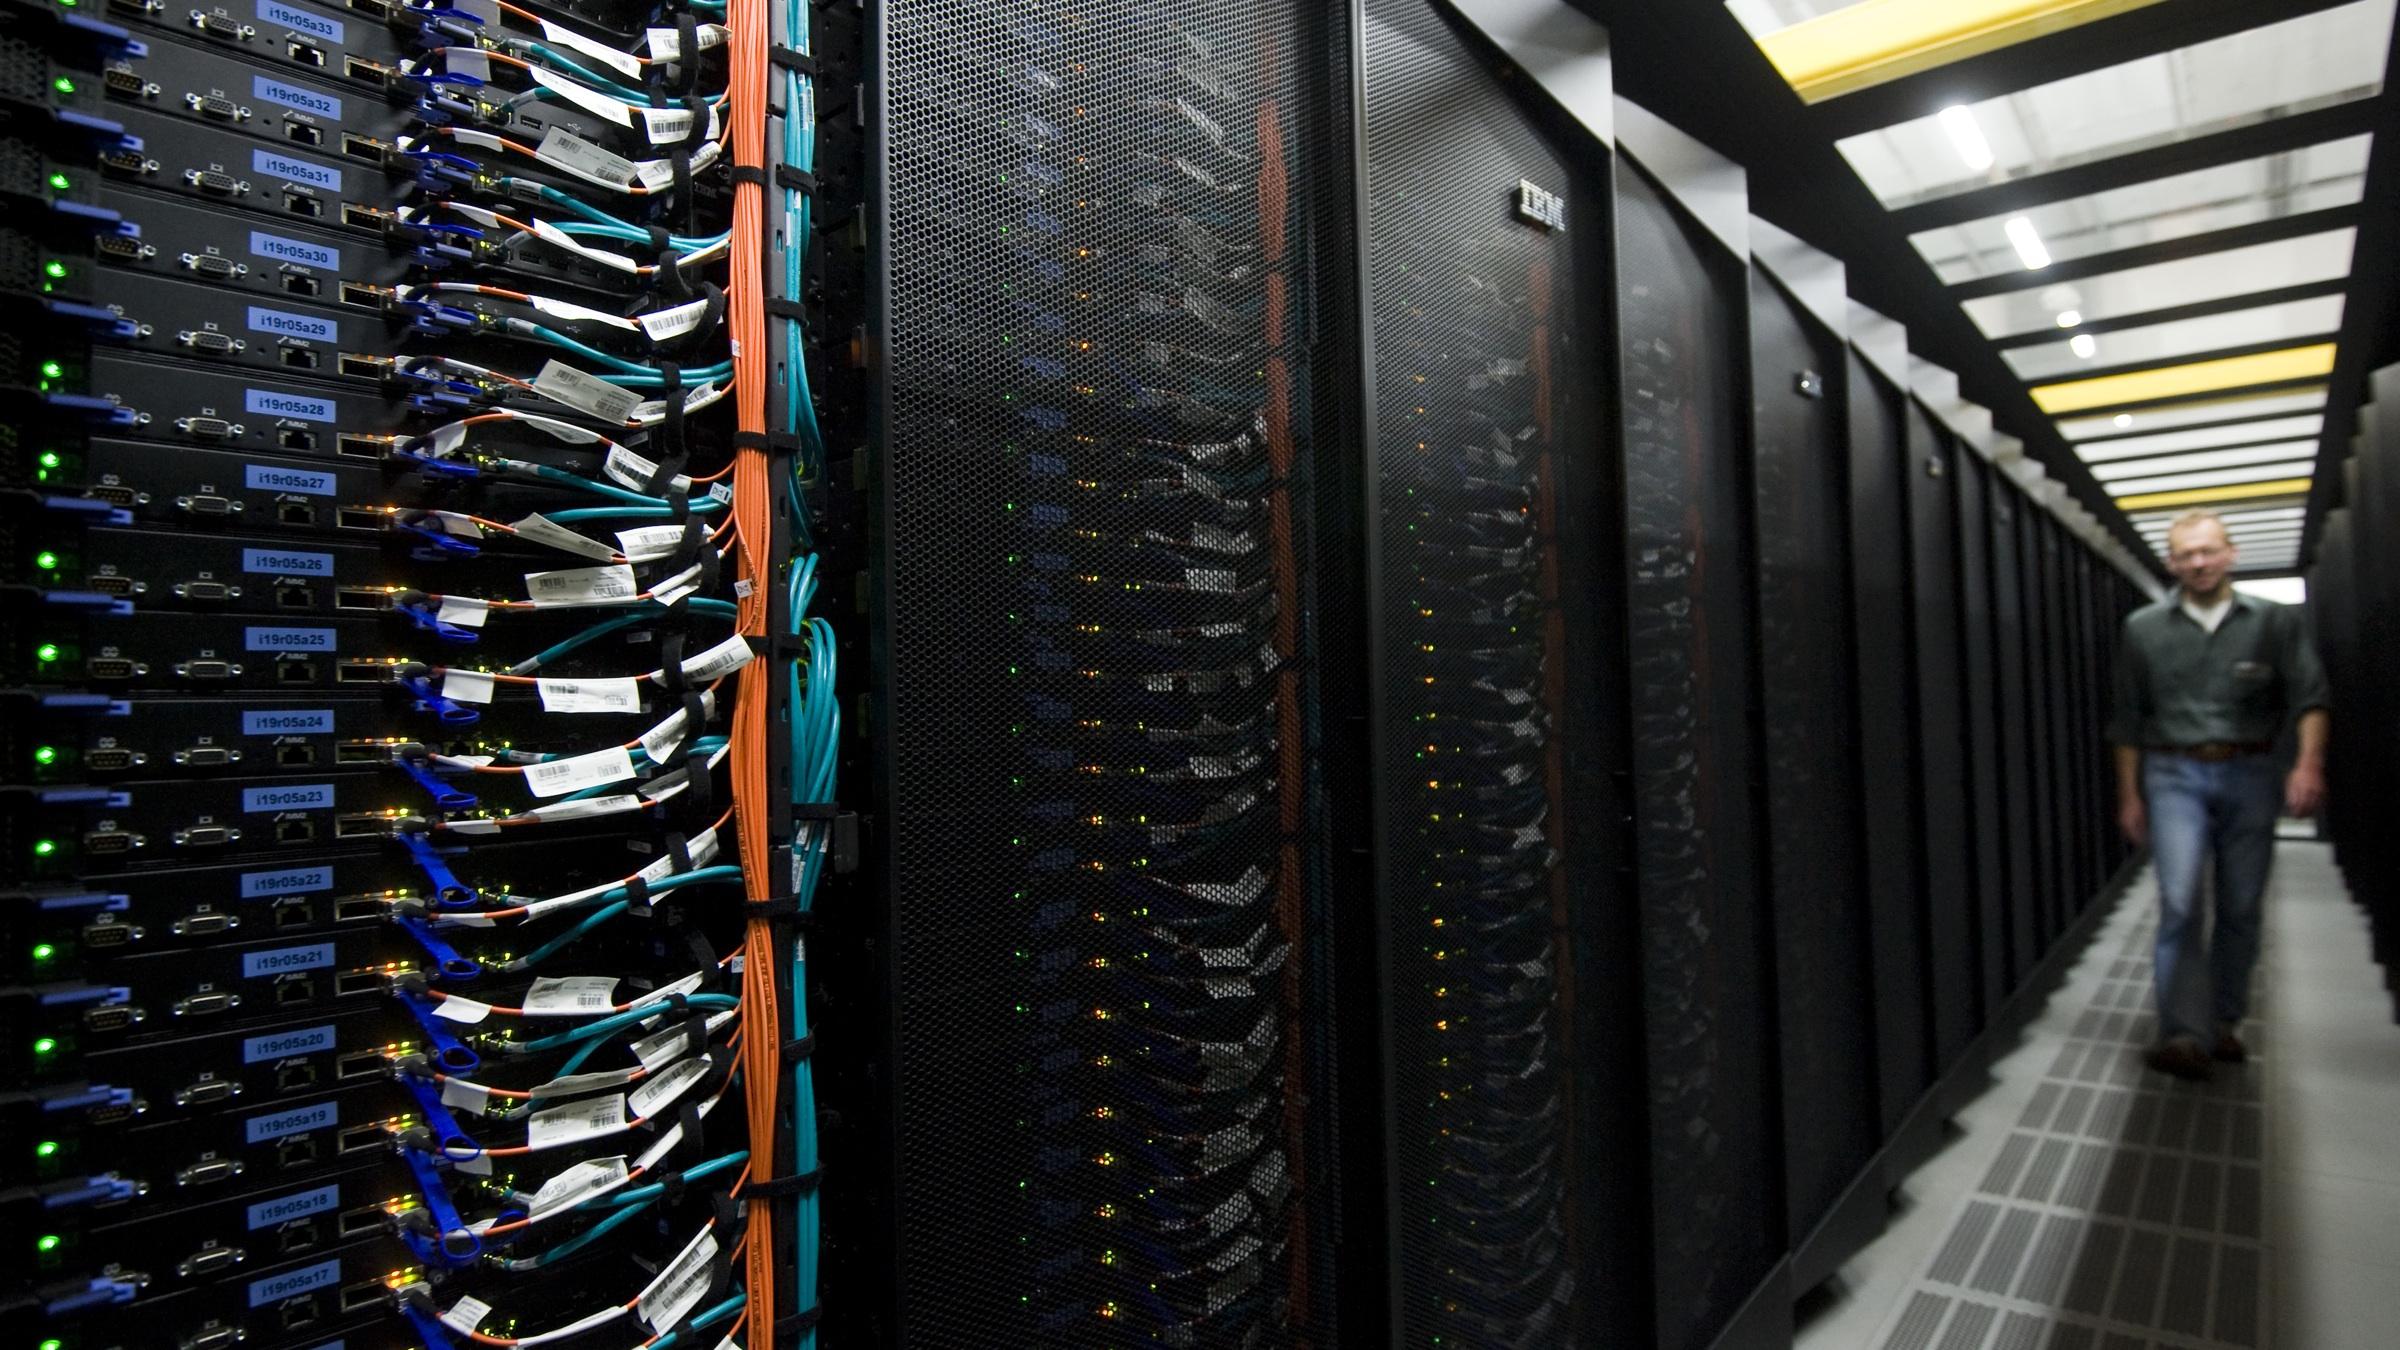 Der Systemadministrator Michael Bopp geht am Freitag (20.07.12) in Garching bei Muenchen im Rechnergebaeude des Hoechstleistungsrechners SuperMUC zwischen Schraenken mit Prozessorkernen. Der schnellste Rechner Europas SuperMUC ist am Freitag in Garching bei Muenchen offiziell in Betrieb genommen worden. SuperMUC ist der viertschnellste Rechner der Welt, teilte die Bayerische Akademie der Wissenschaften am Freitag in Muenchen mit. SuperMUC verfuegt ueber mehr als 155.000 Rechenkerne, die drei Billiarden Rechenoperationen pro Sekunde erbringen. (zu dapd-Text) Foto: Lennart Preiss/dapd